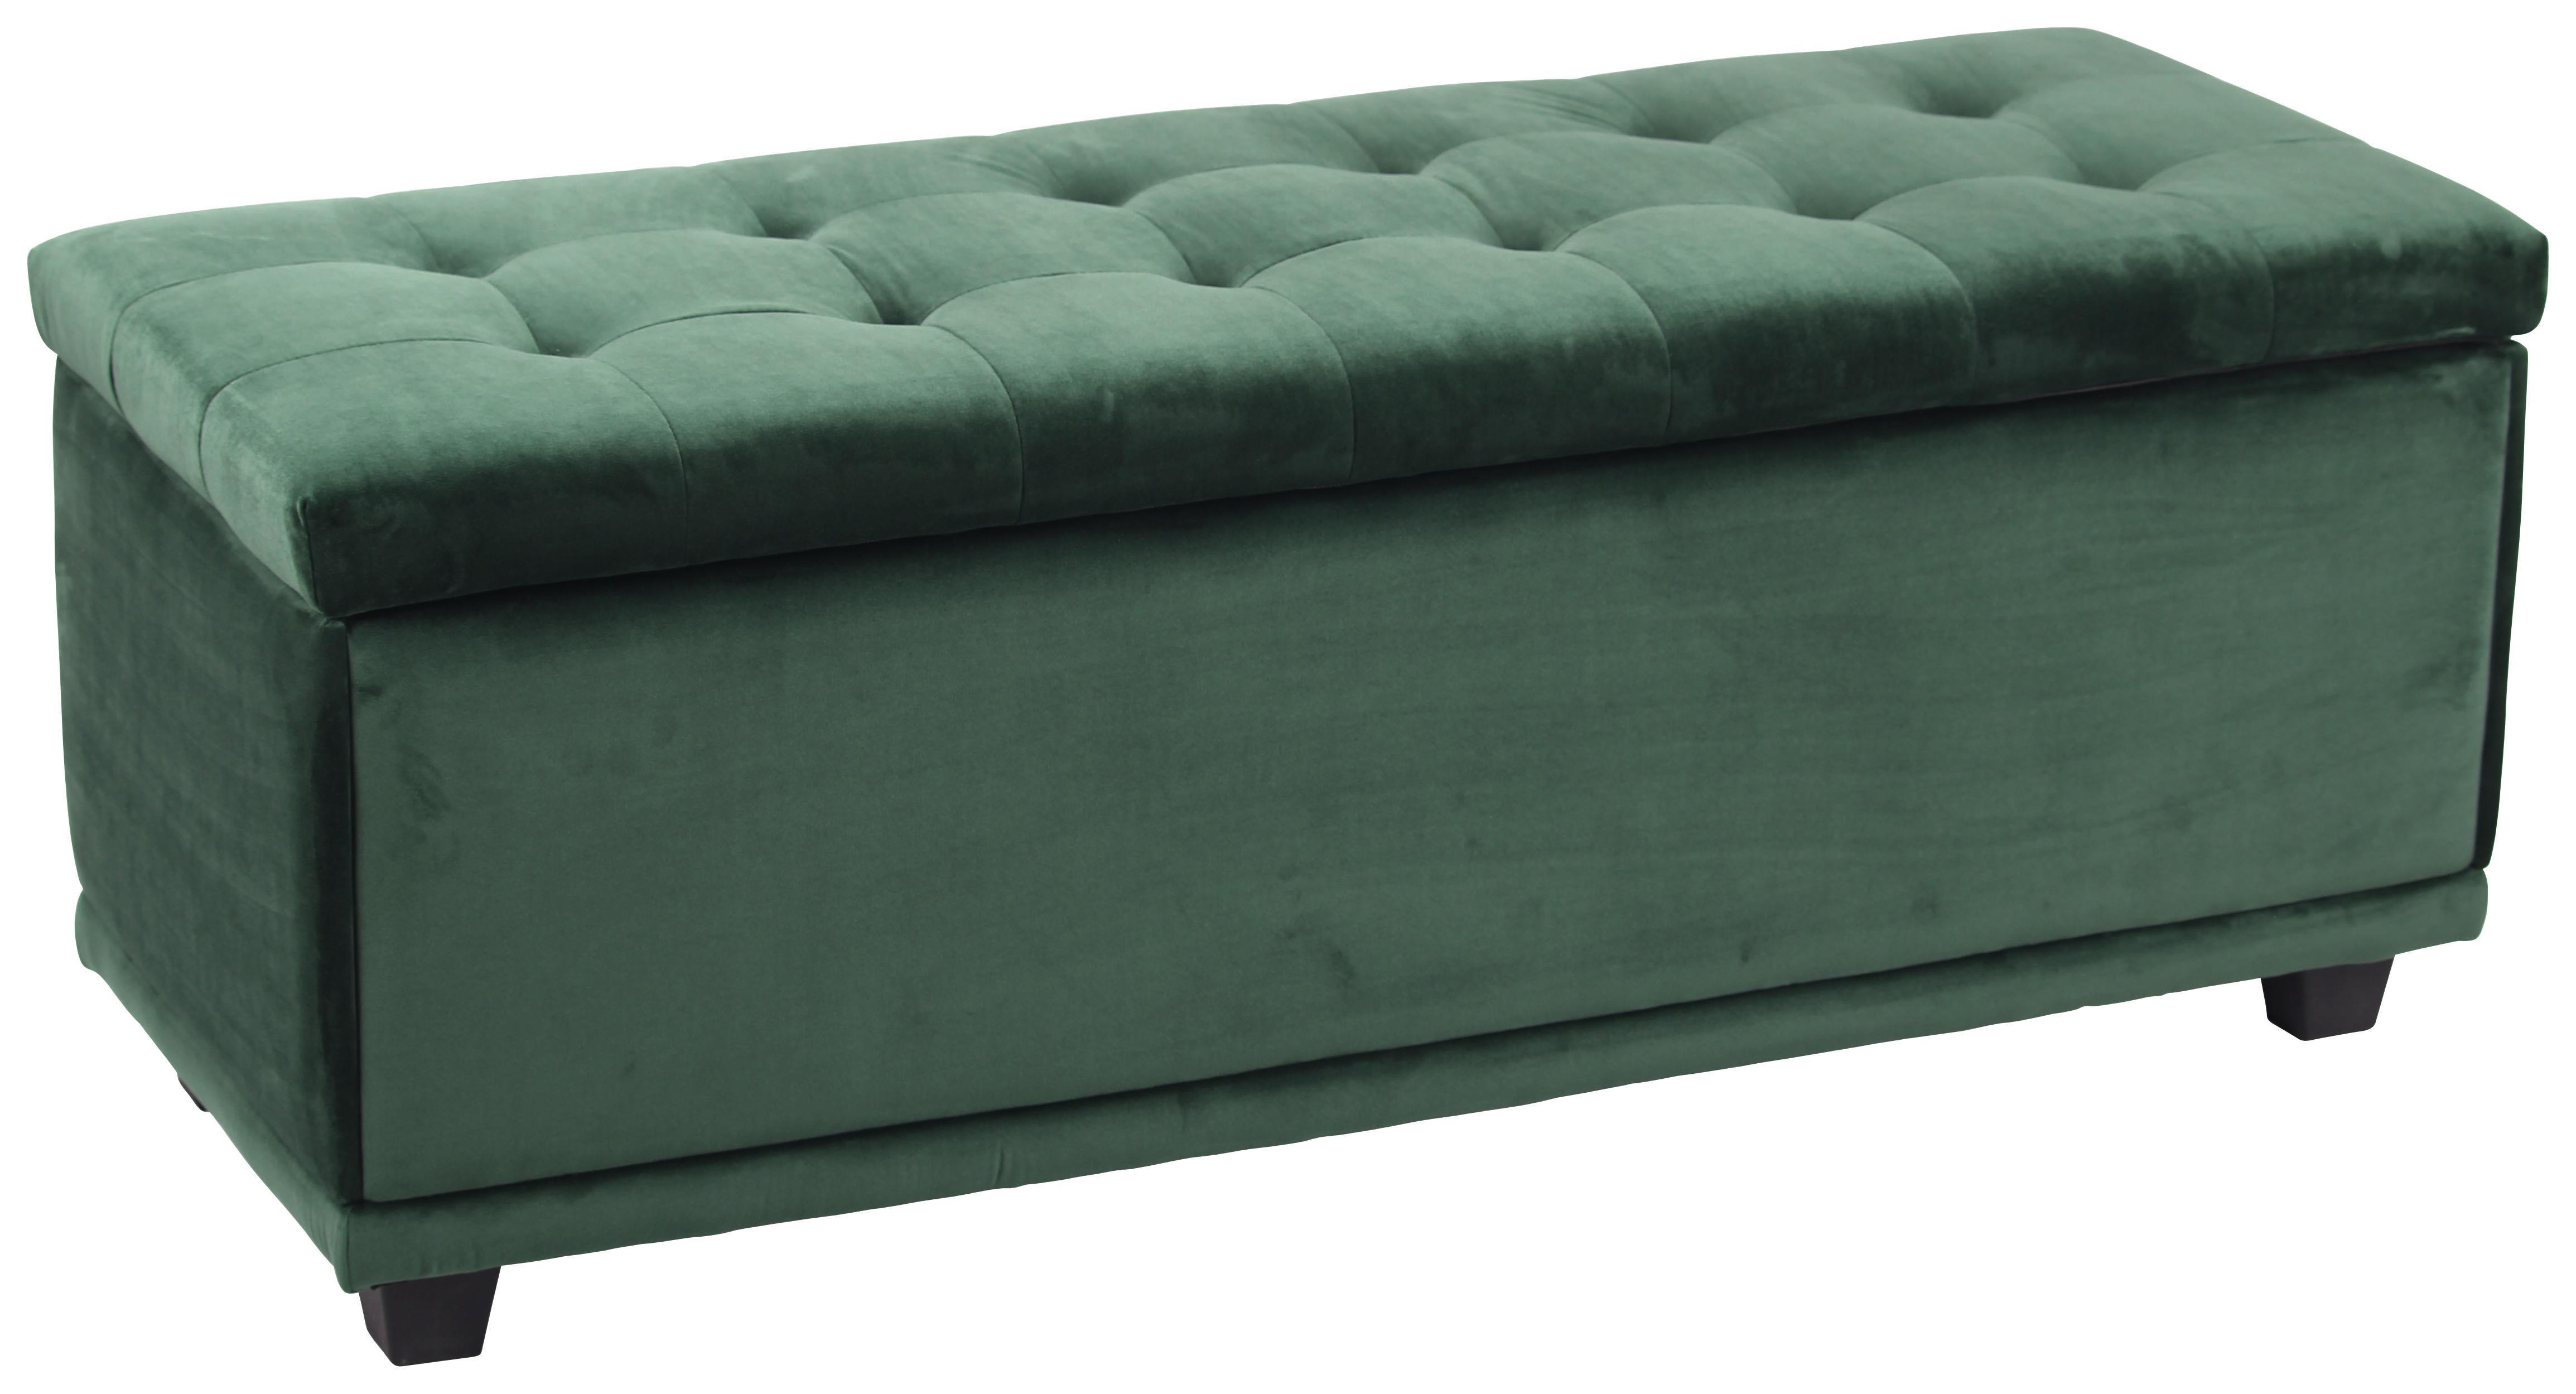 Sitzbank samt grün mit stauraum online kaufen ➤ möbelix